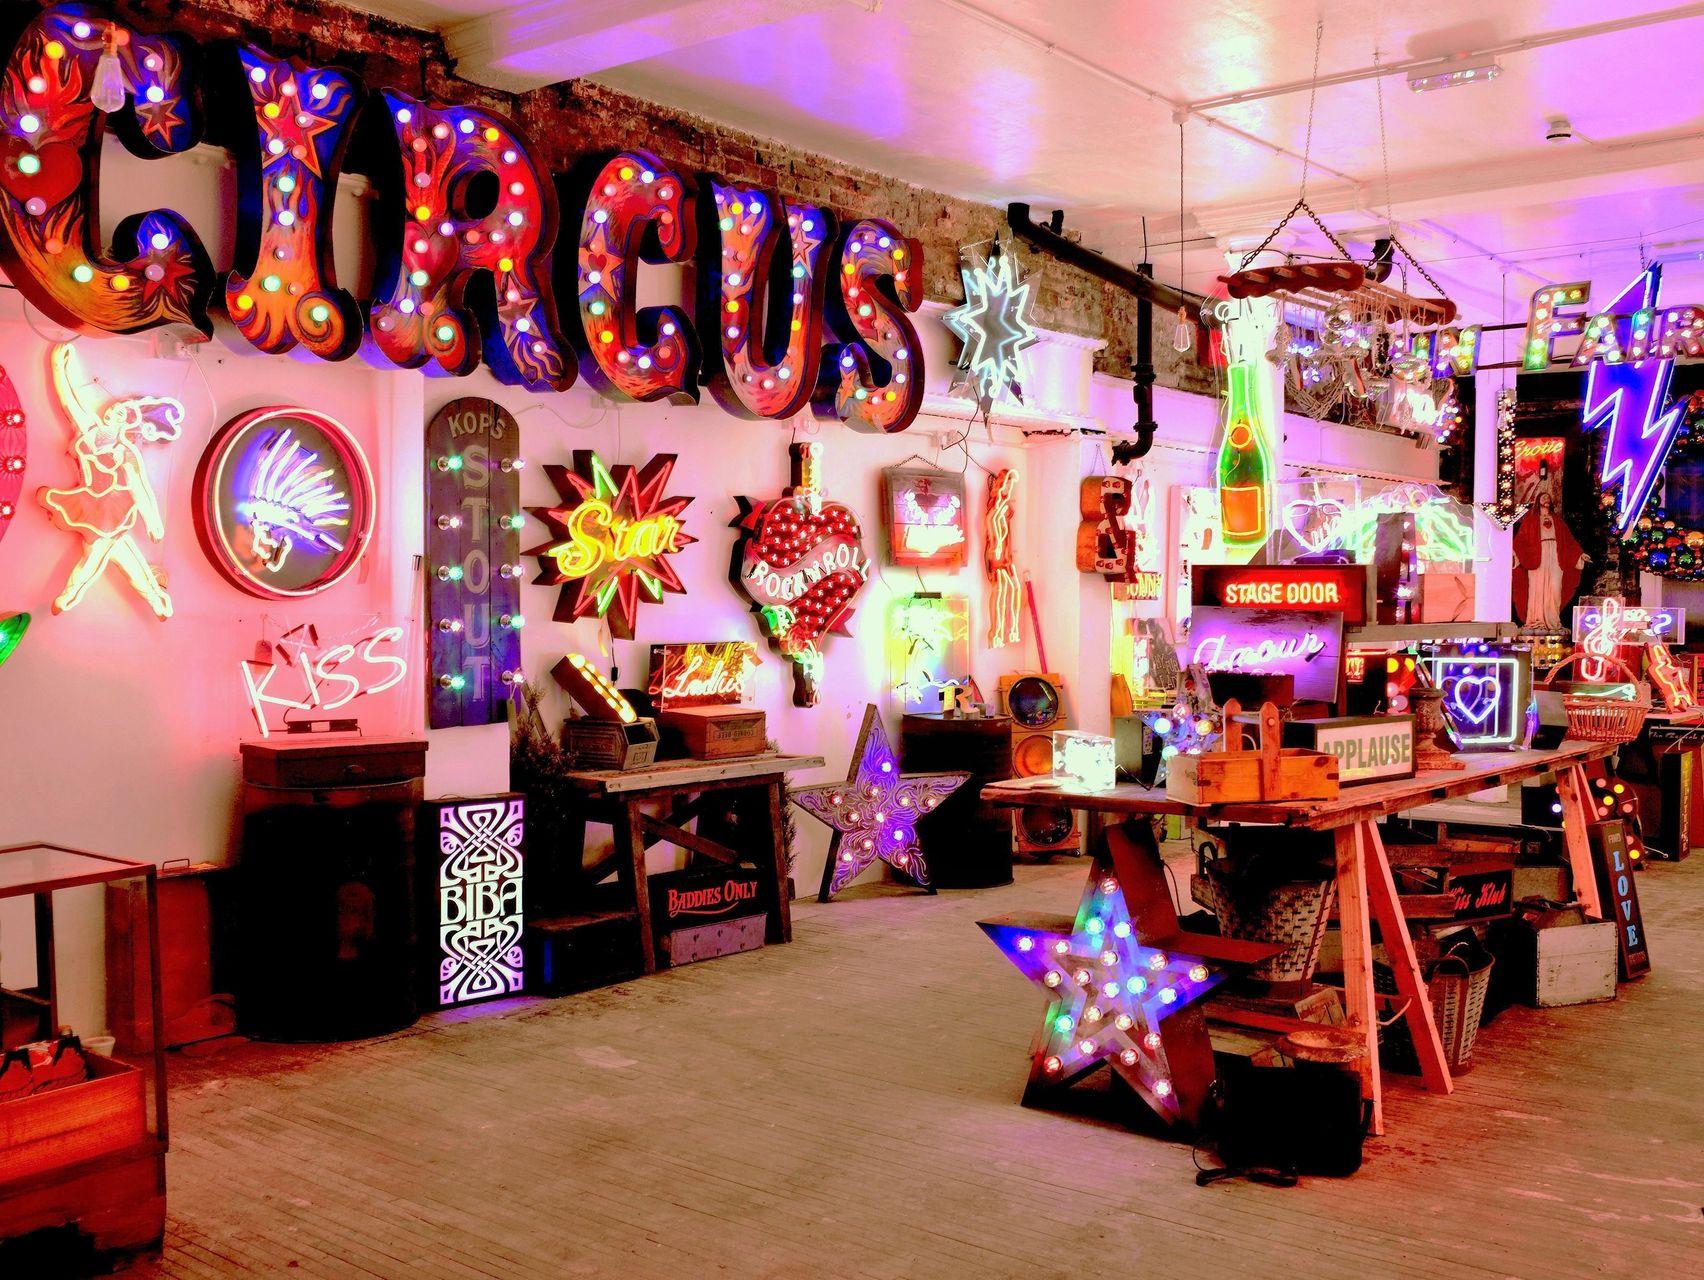 Full Venue, Lights of  Soho